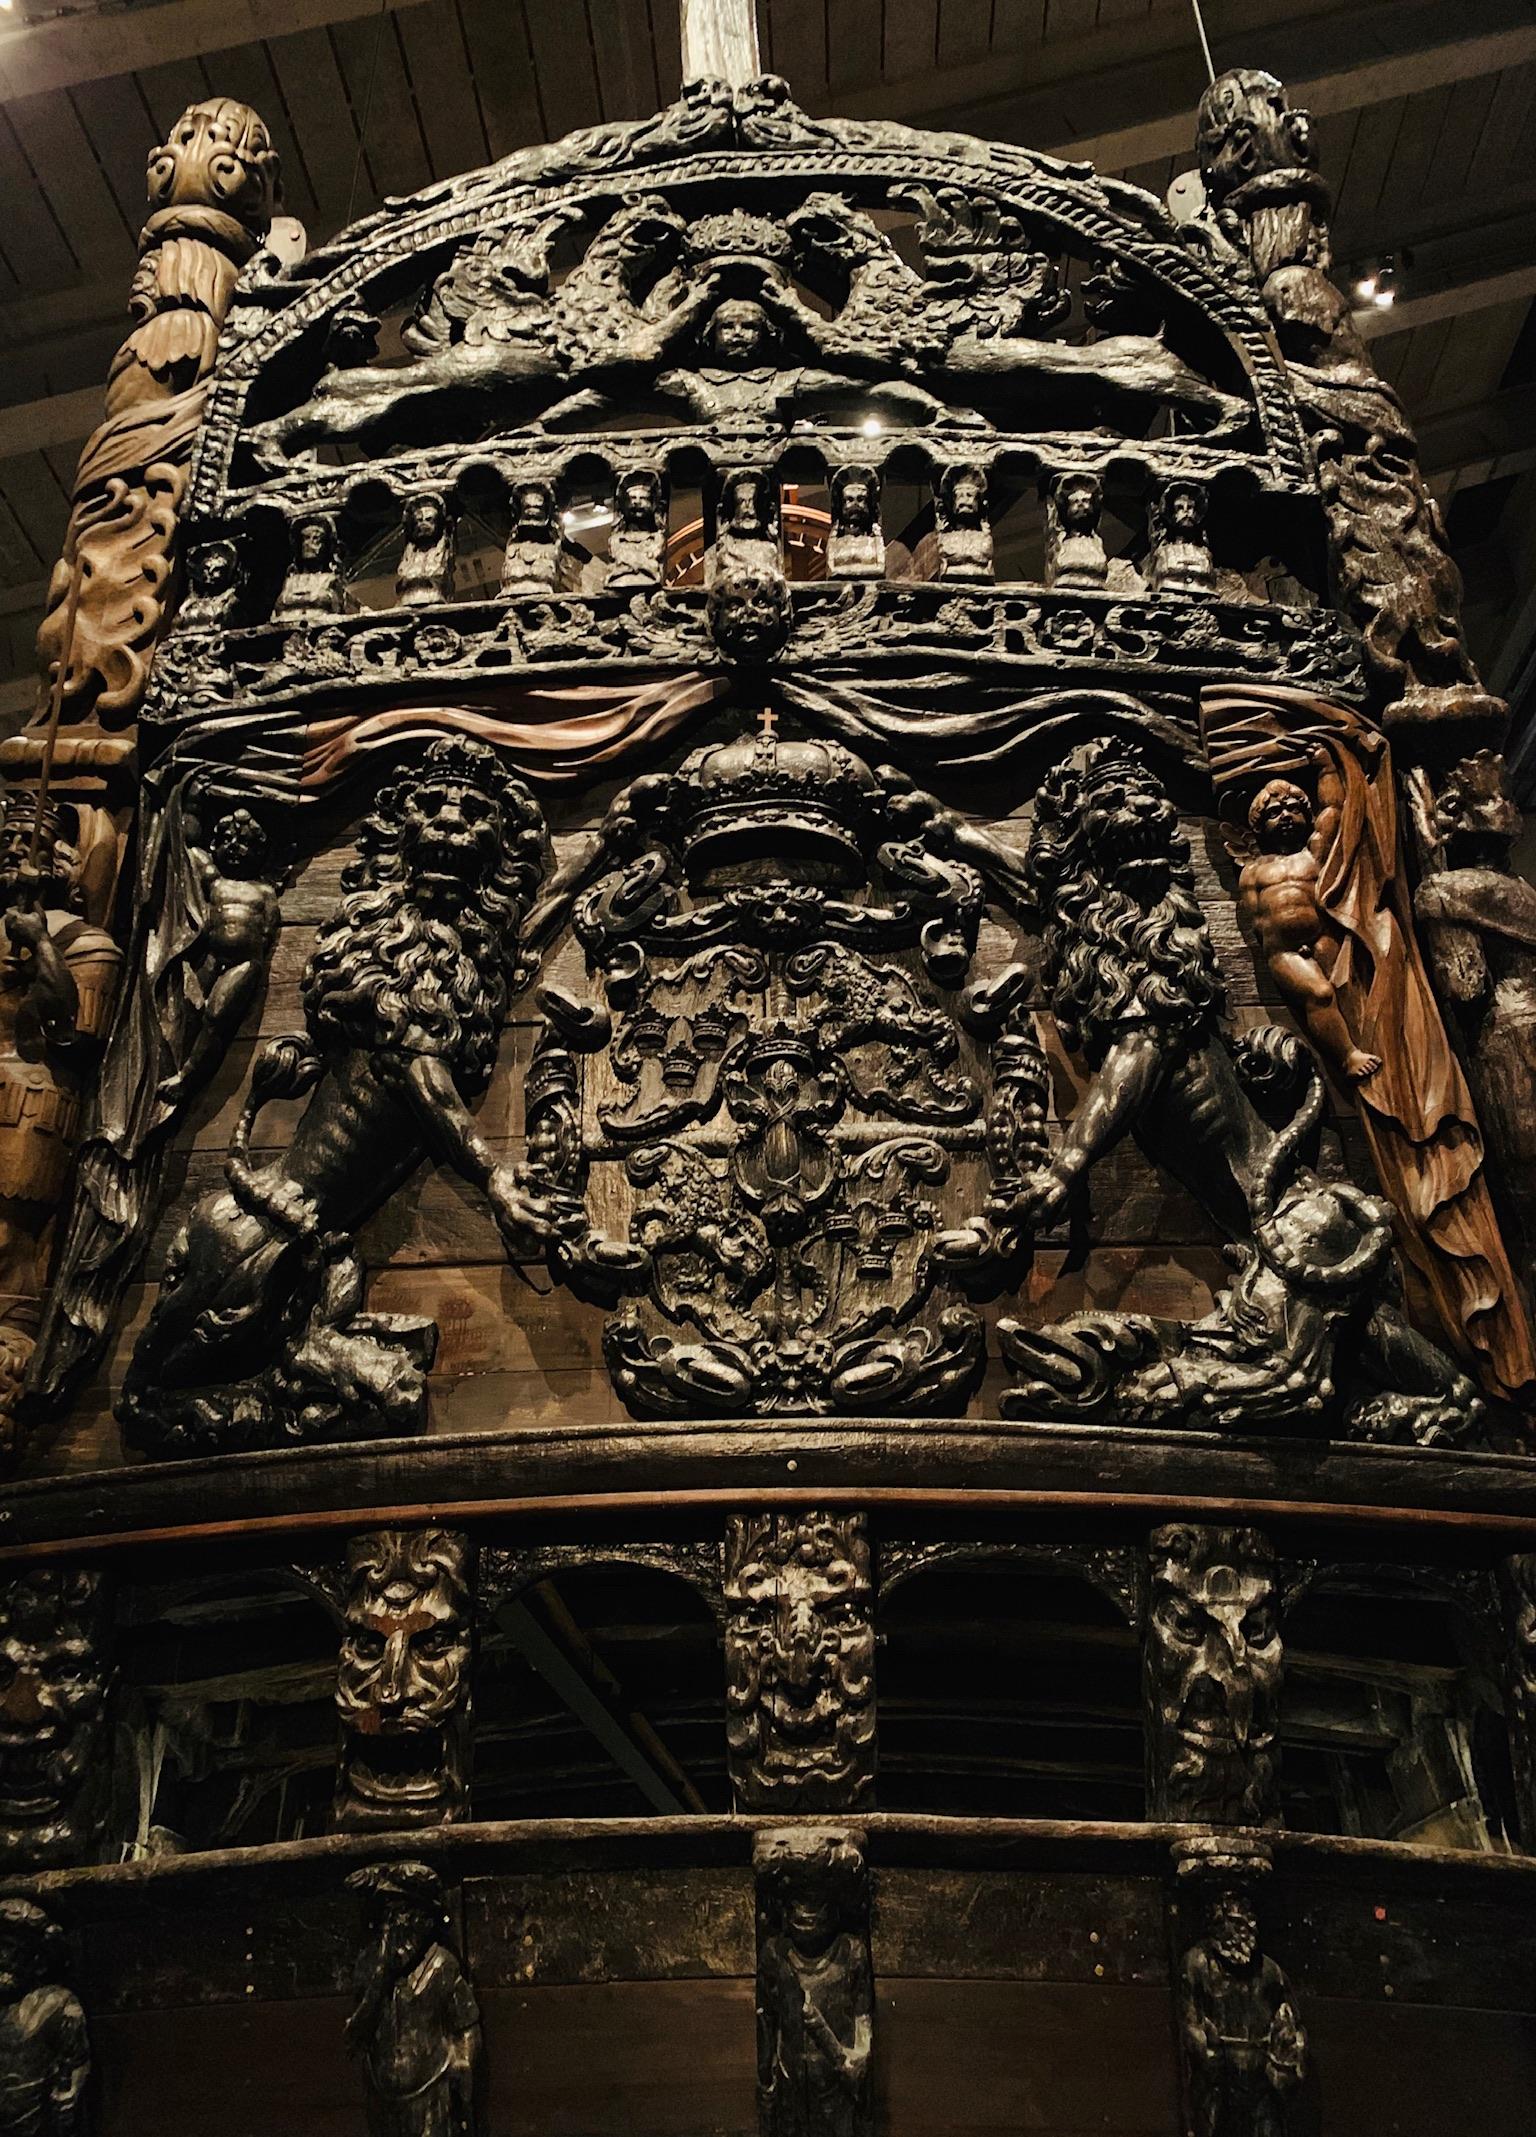 Impressionnantes sculptures sur la poupe du Vasa. Les deux lions entourent les armoiries de la Suède